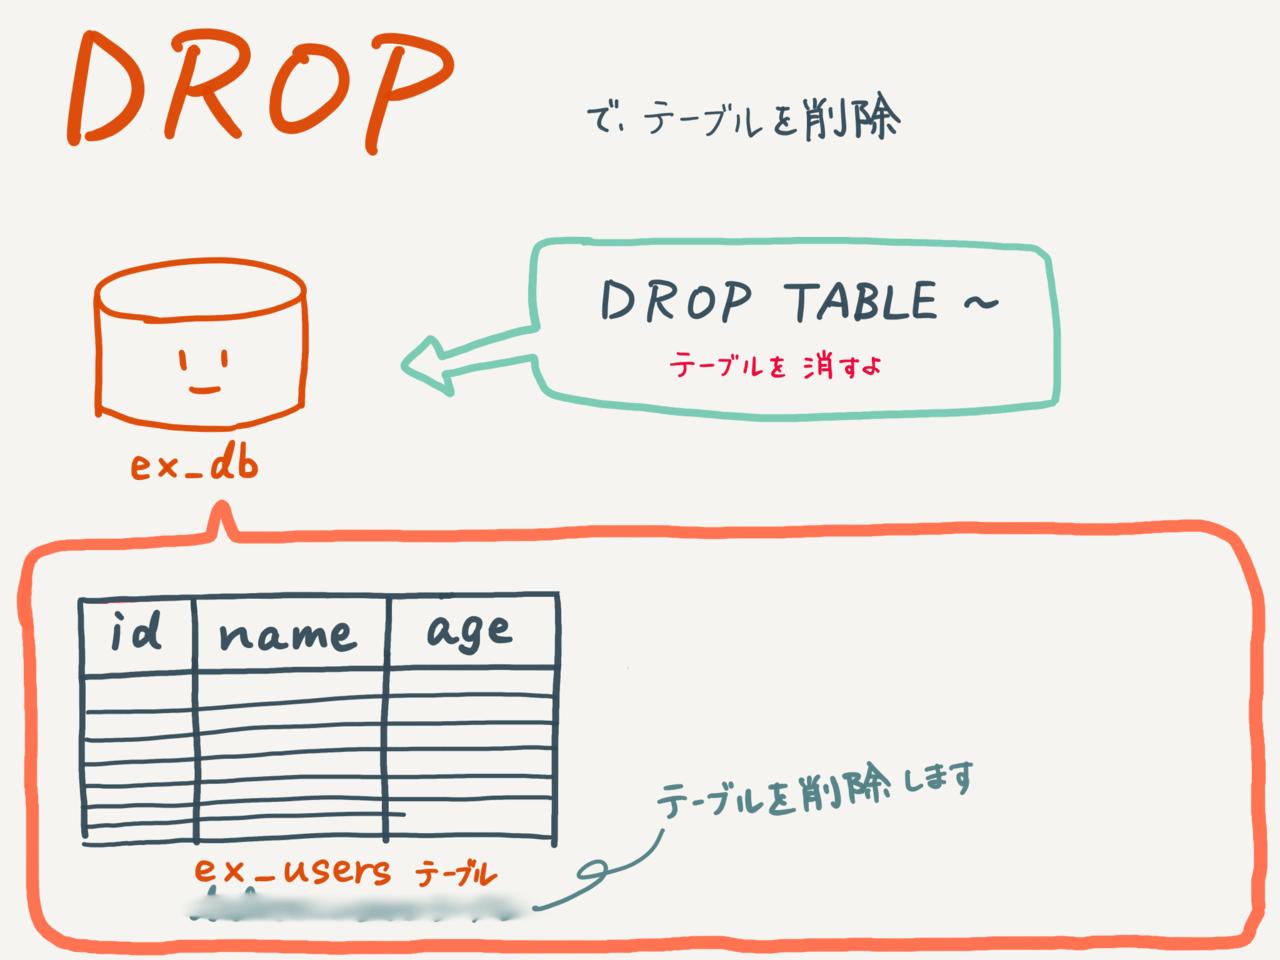 テーブルを削除